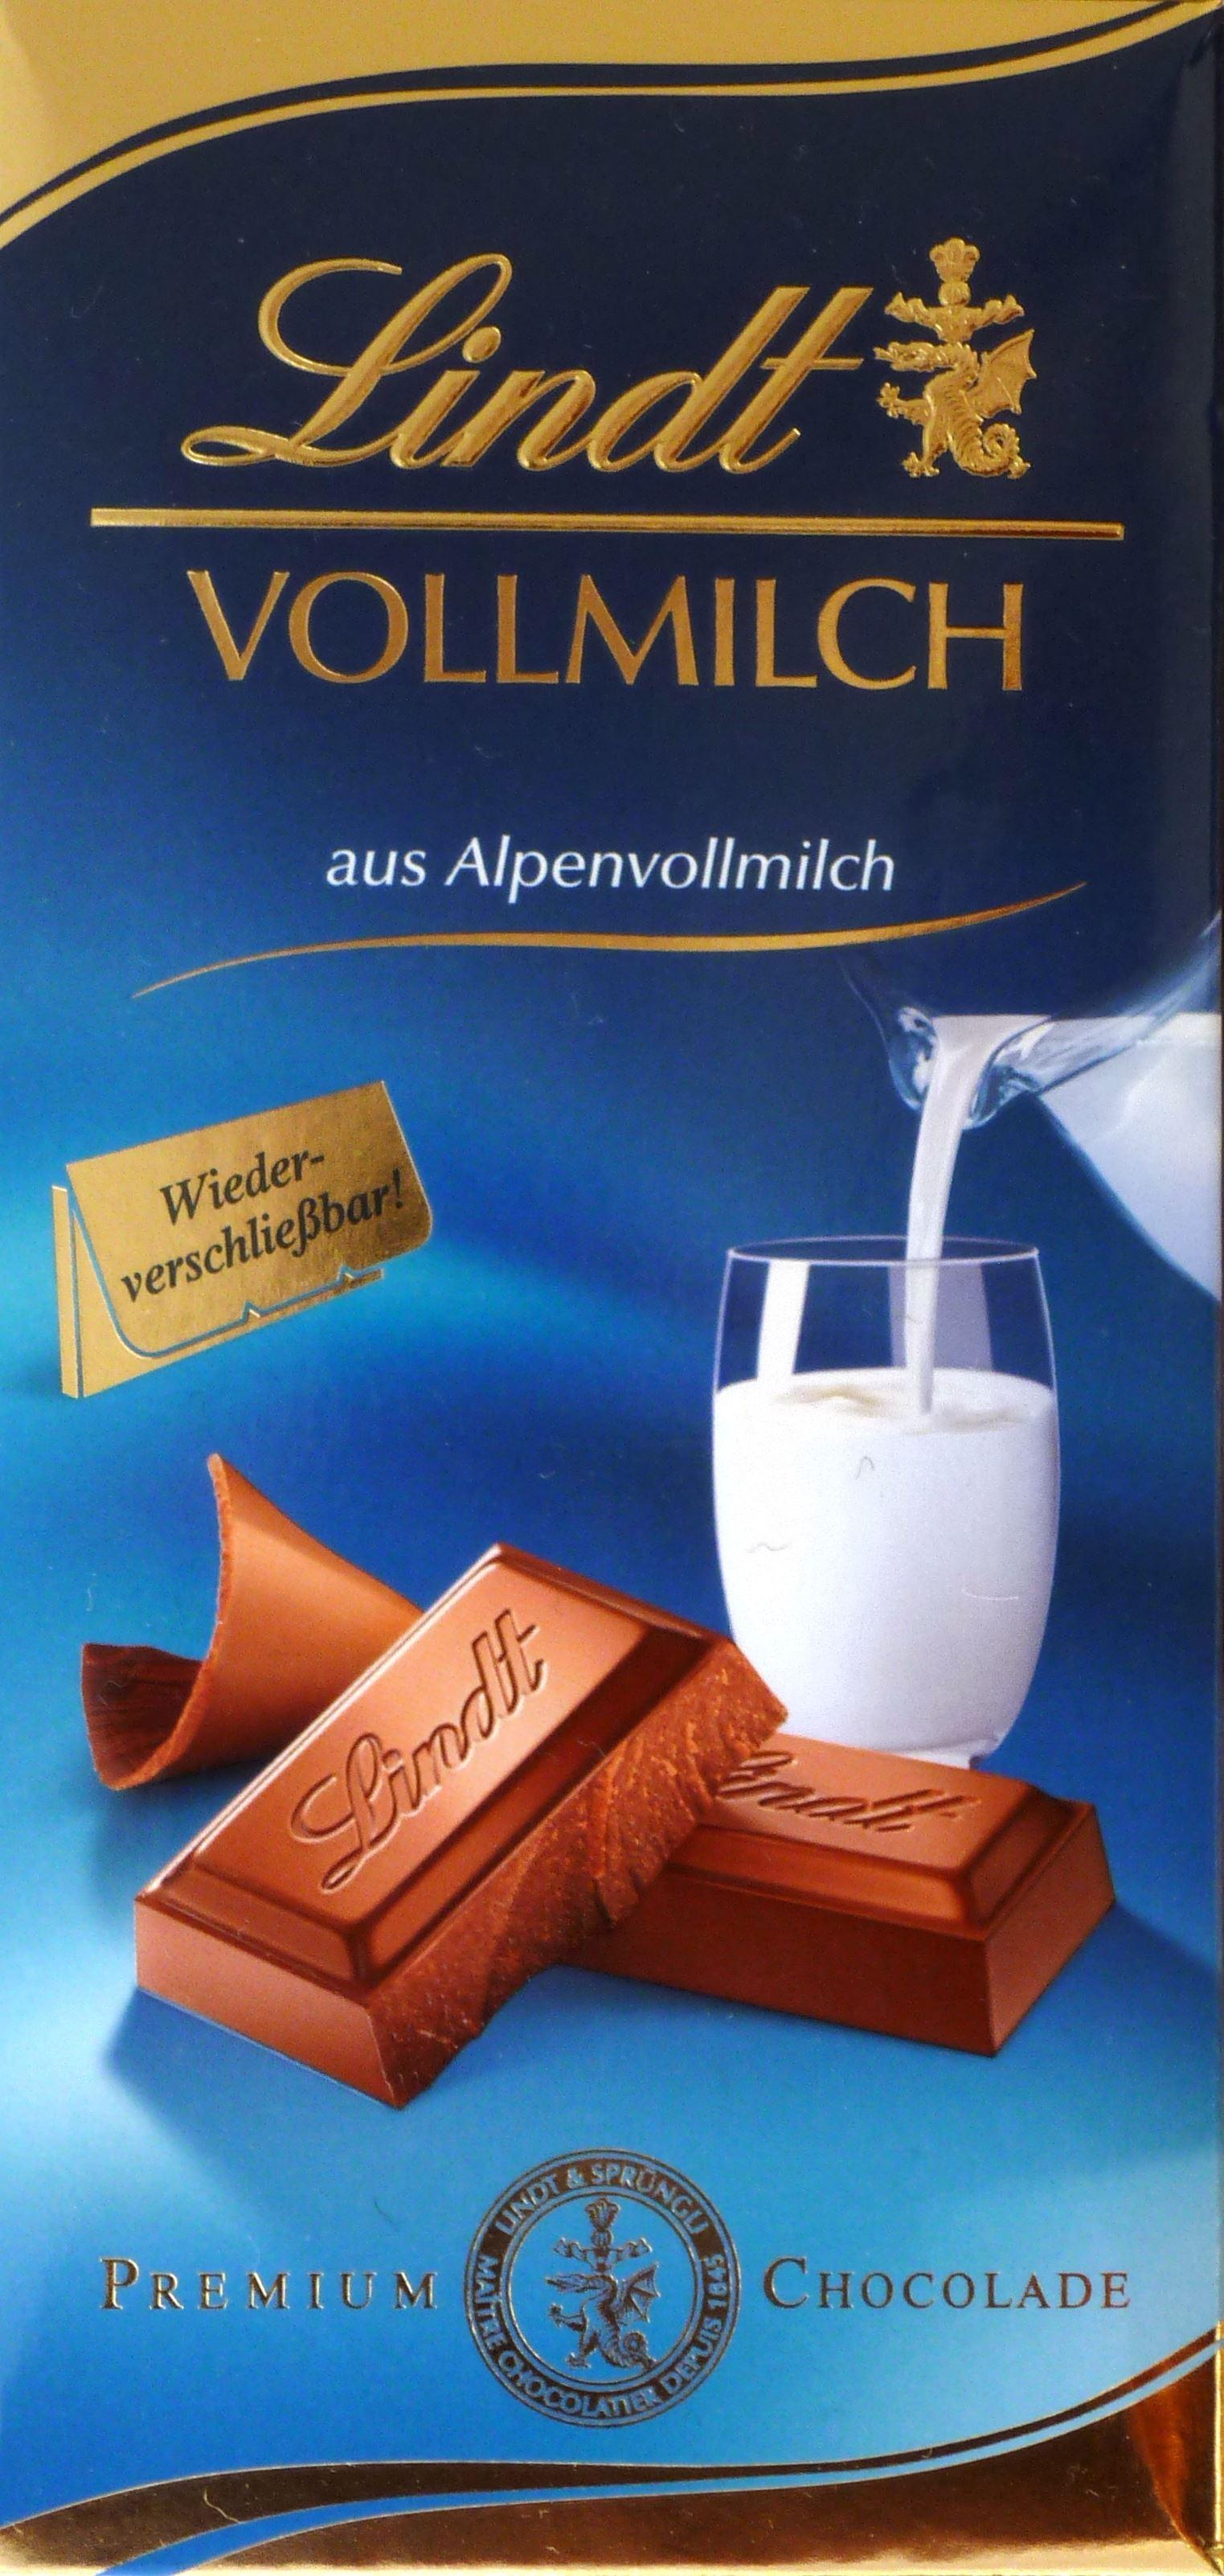 Lindt Vollmilchschokolade aus Alpenmilch